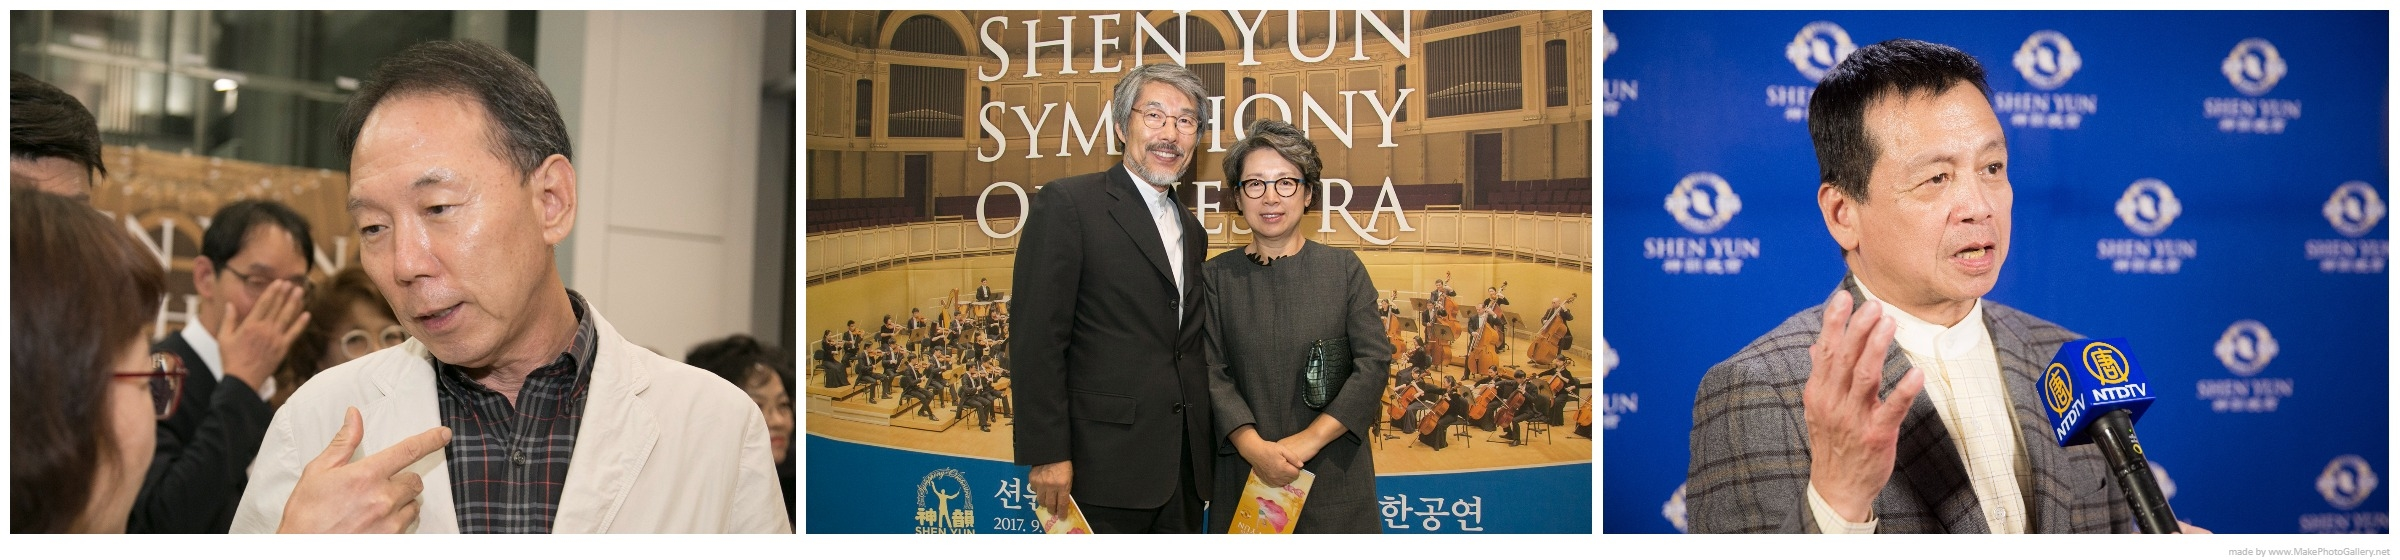 韓國共存文化研究所代表李泰鎬、韓國空間集團代表李祥林夫婦、國際獅子會台灣總會議長邱文彬(左至右)觀賞2017神韻交響樂在亞洲的演出。(大紀元合成)